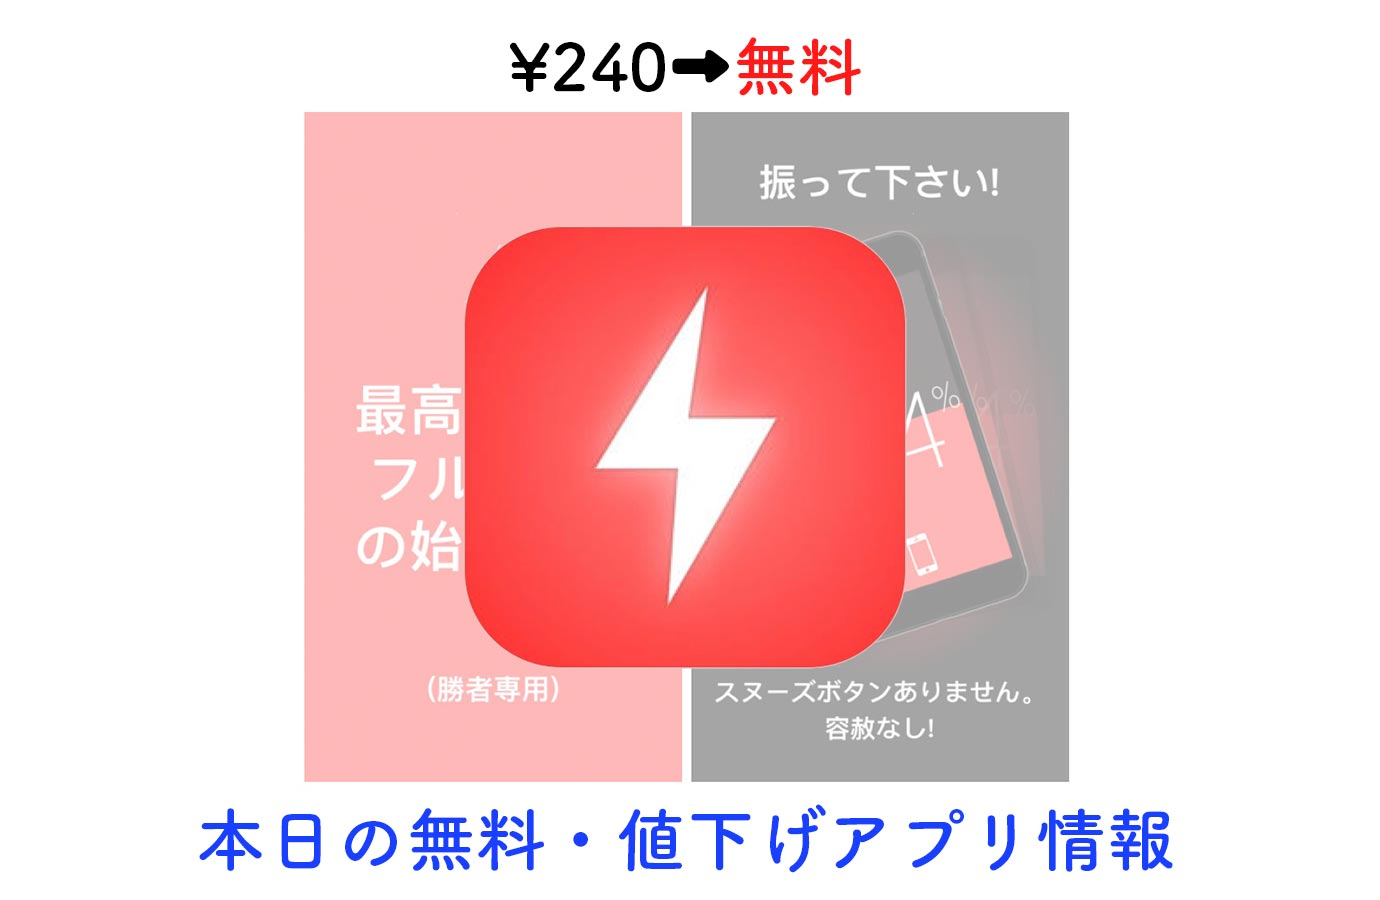 ¥240→無料、iPhoneを振らないと止められないアラームアプリ「Wake N Shake」など【1/15】本日の無料・値下げアプリ情報